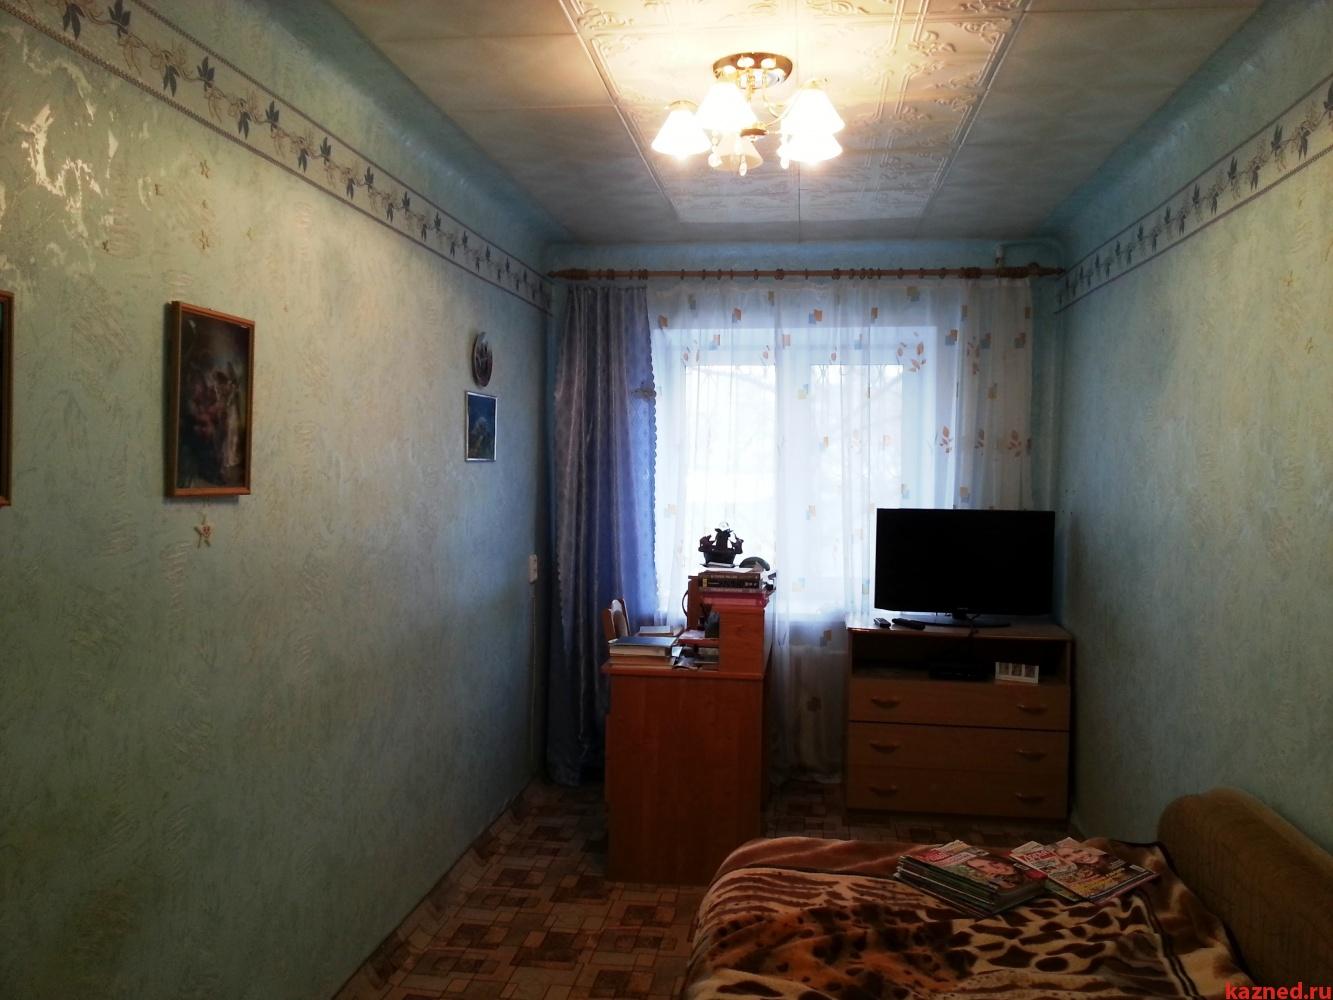 Продажа 3-к квартиры Новаторов, 1, 57 м²  (миниатюра №8)